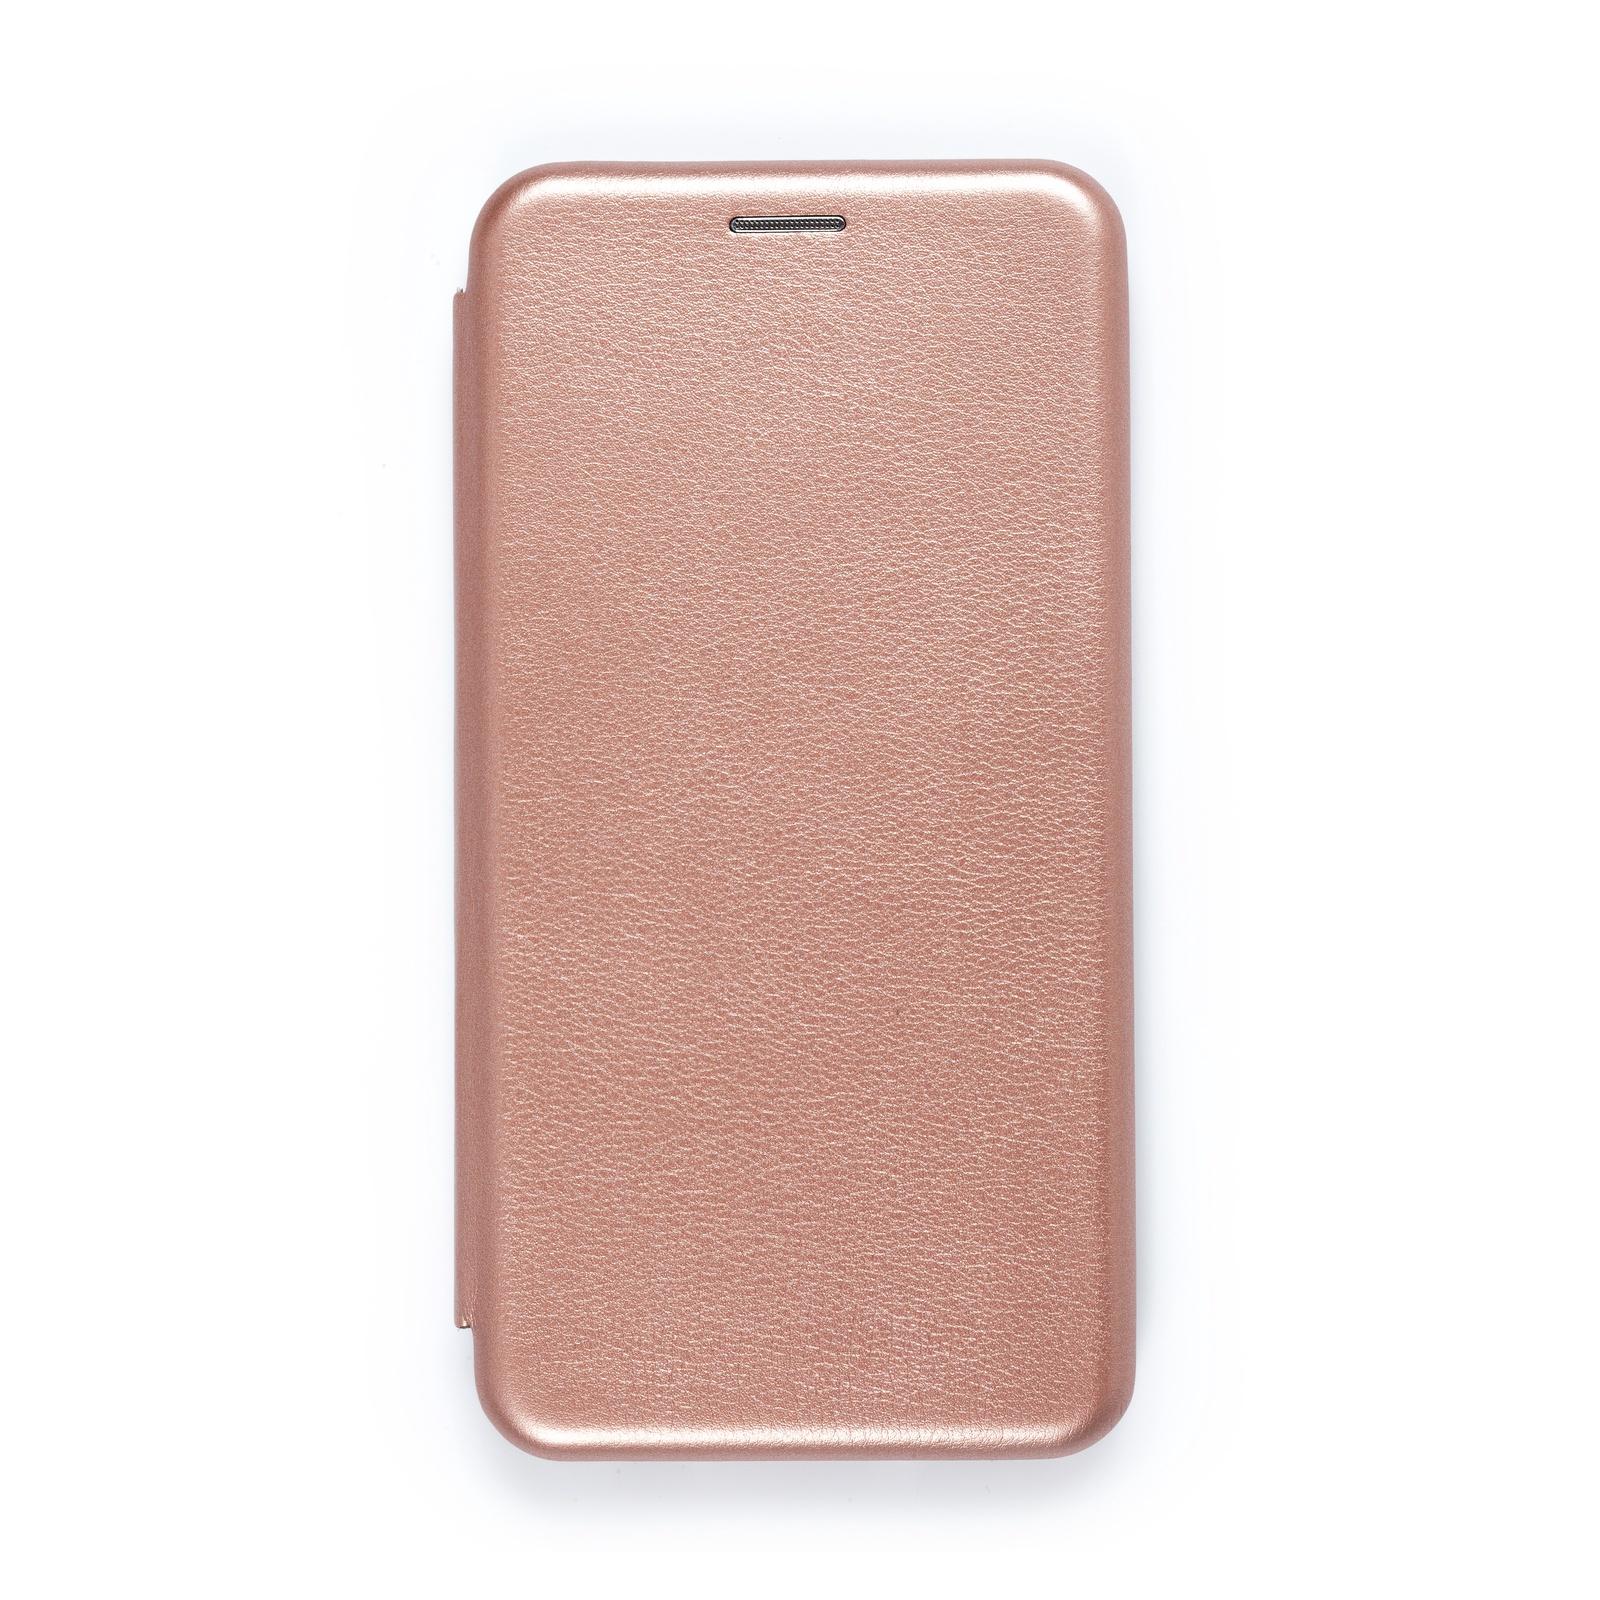 Чехол для сотового телефона книжка для Huawei Honor 10 Lite/P Smart (2019), розовый